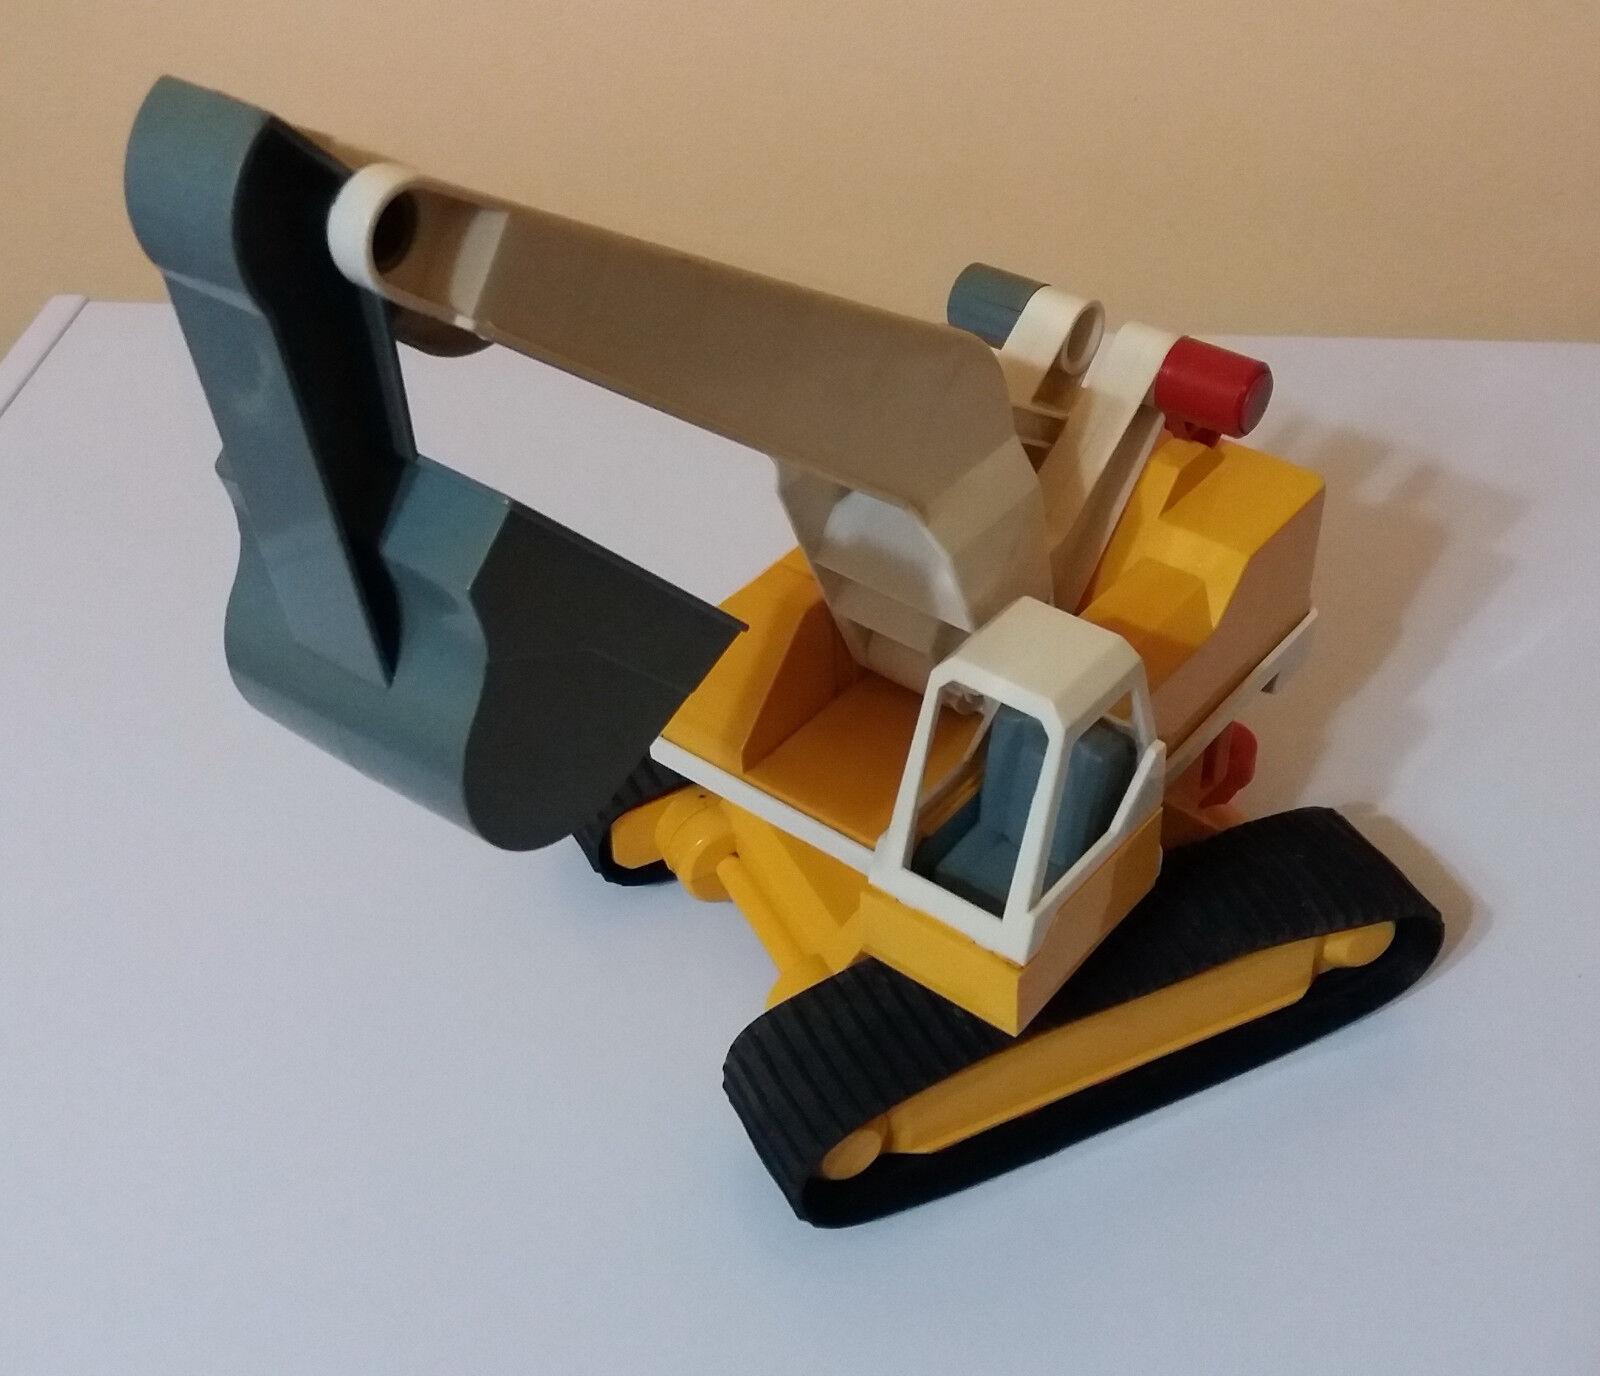 Vintage jouet années 1990-Pelle  ( Lena  prod., Allemagne)  sports chauds